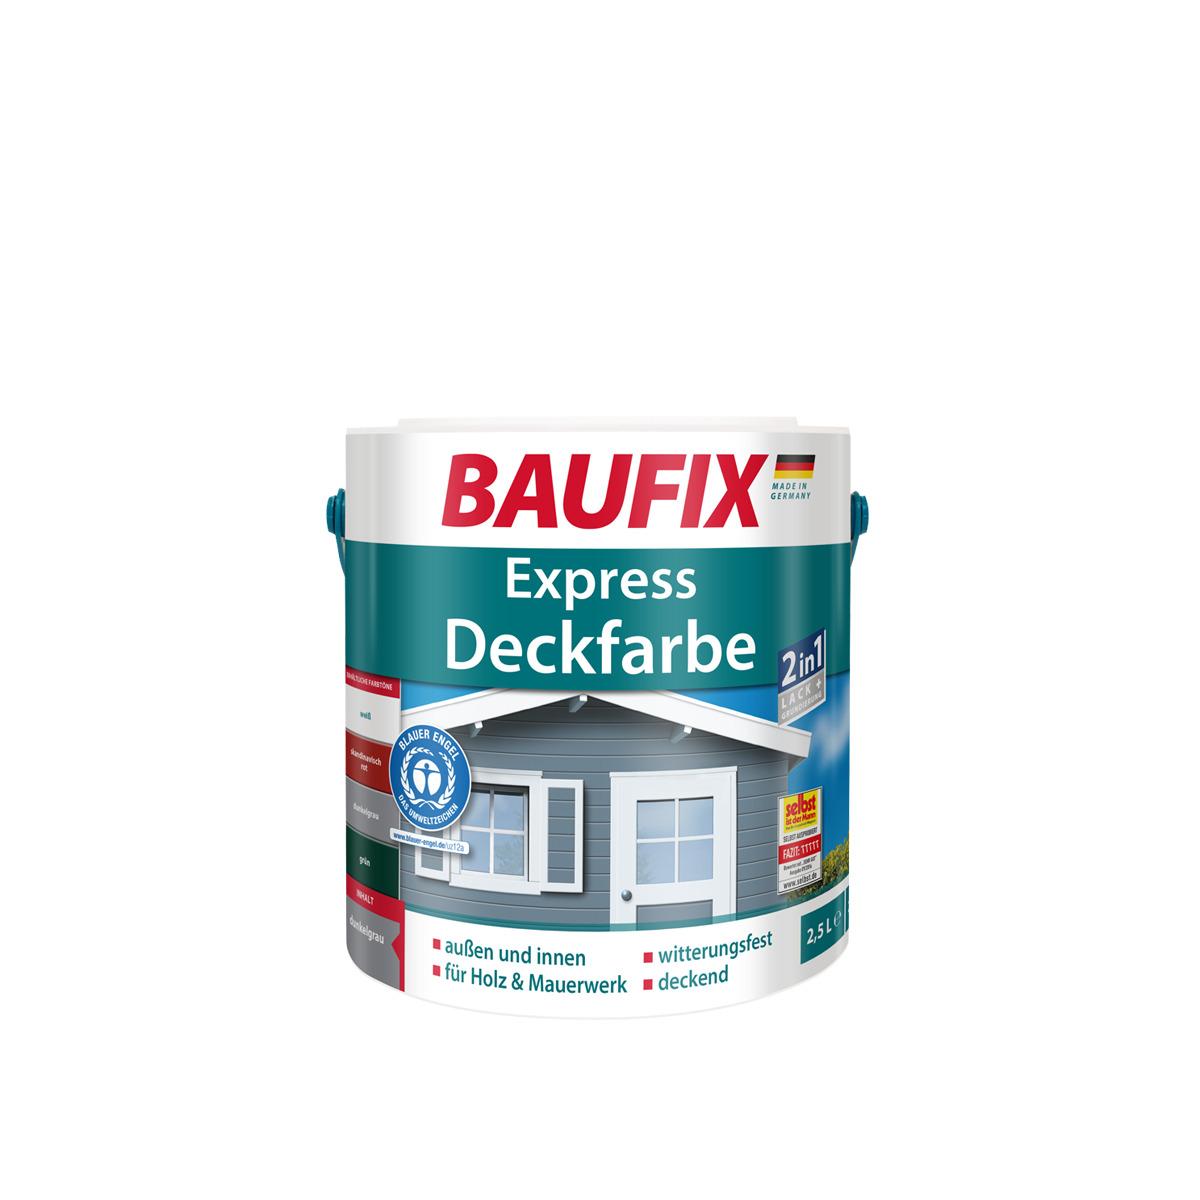 Bild 1 von BAUFIX 2in1 Express Deckfarbe dunkelgrau 2-er Set